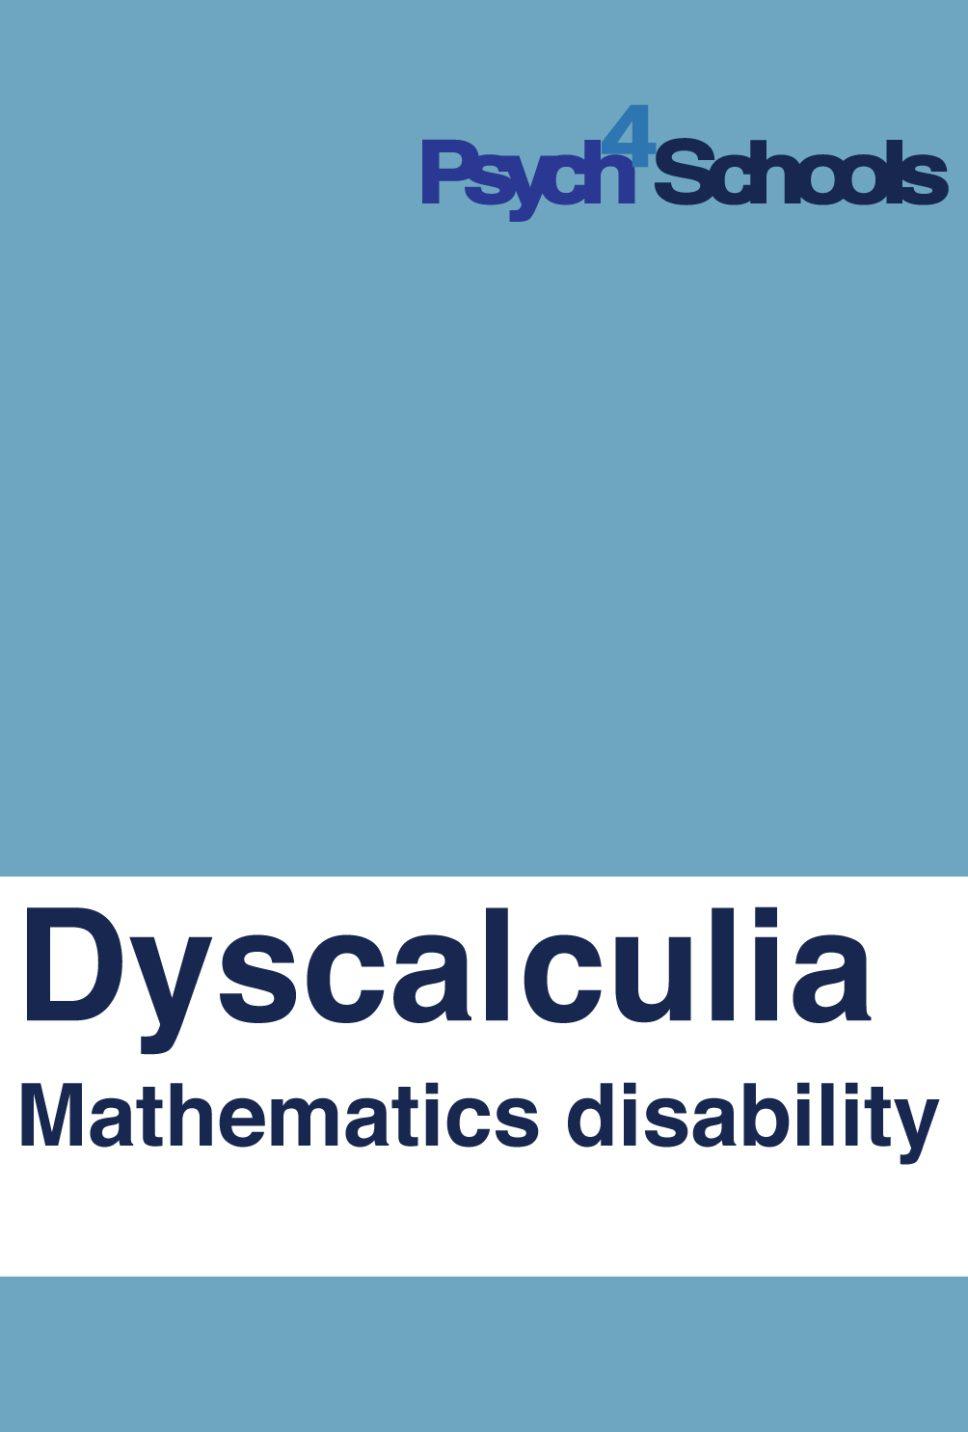 DYSCALCULIA-2